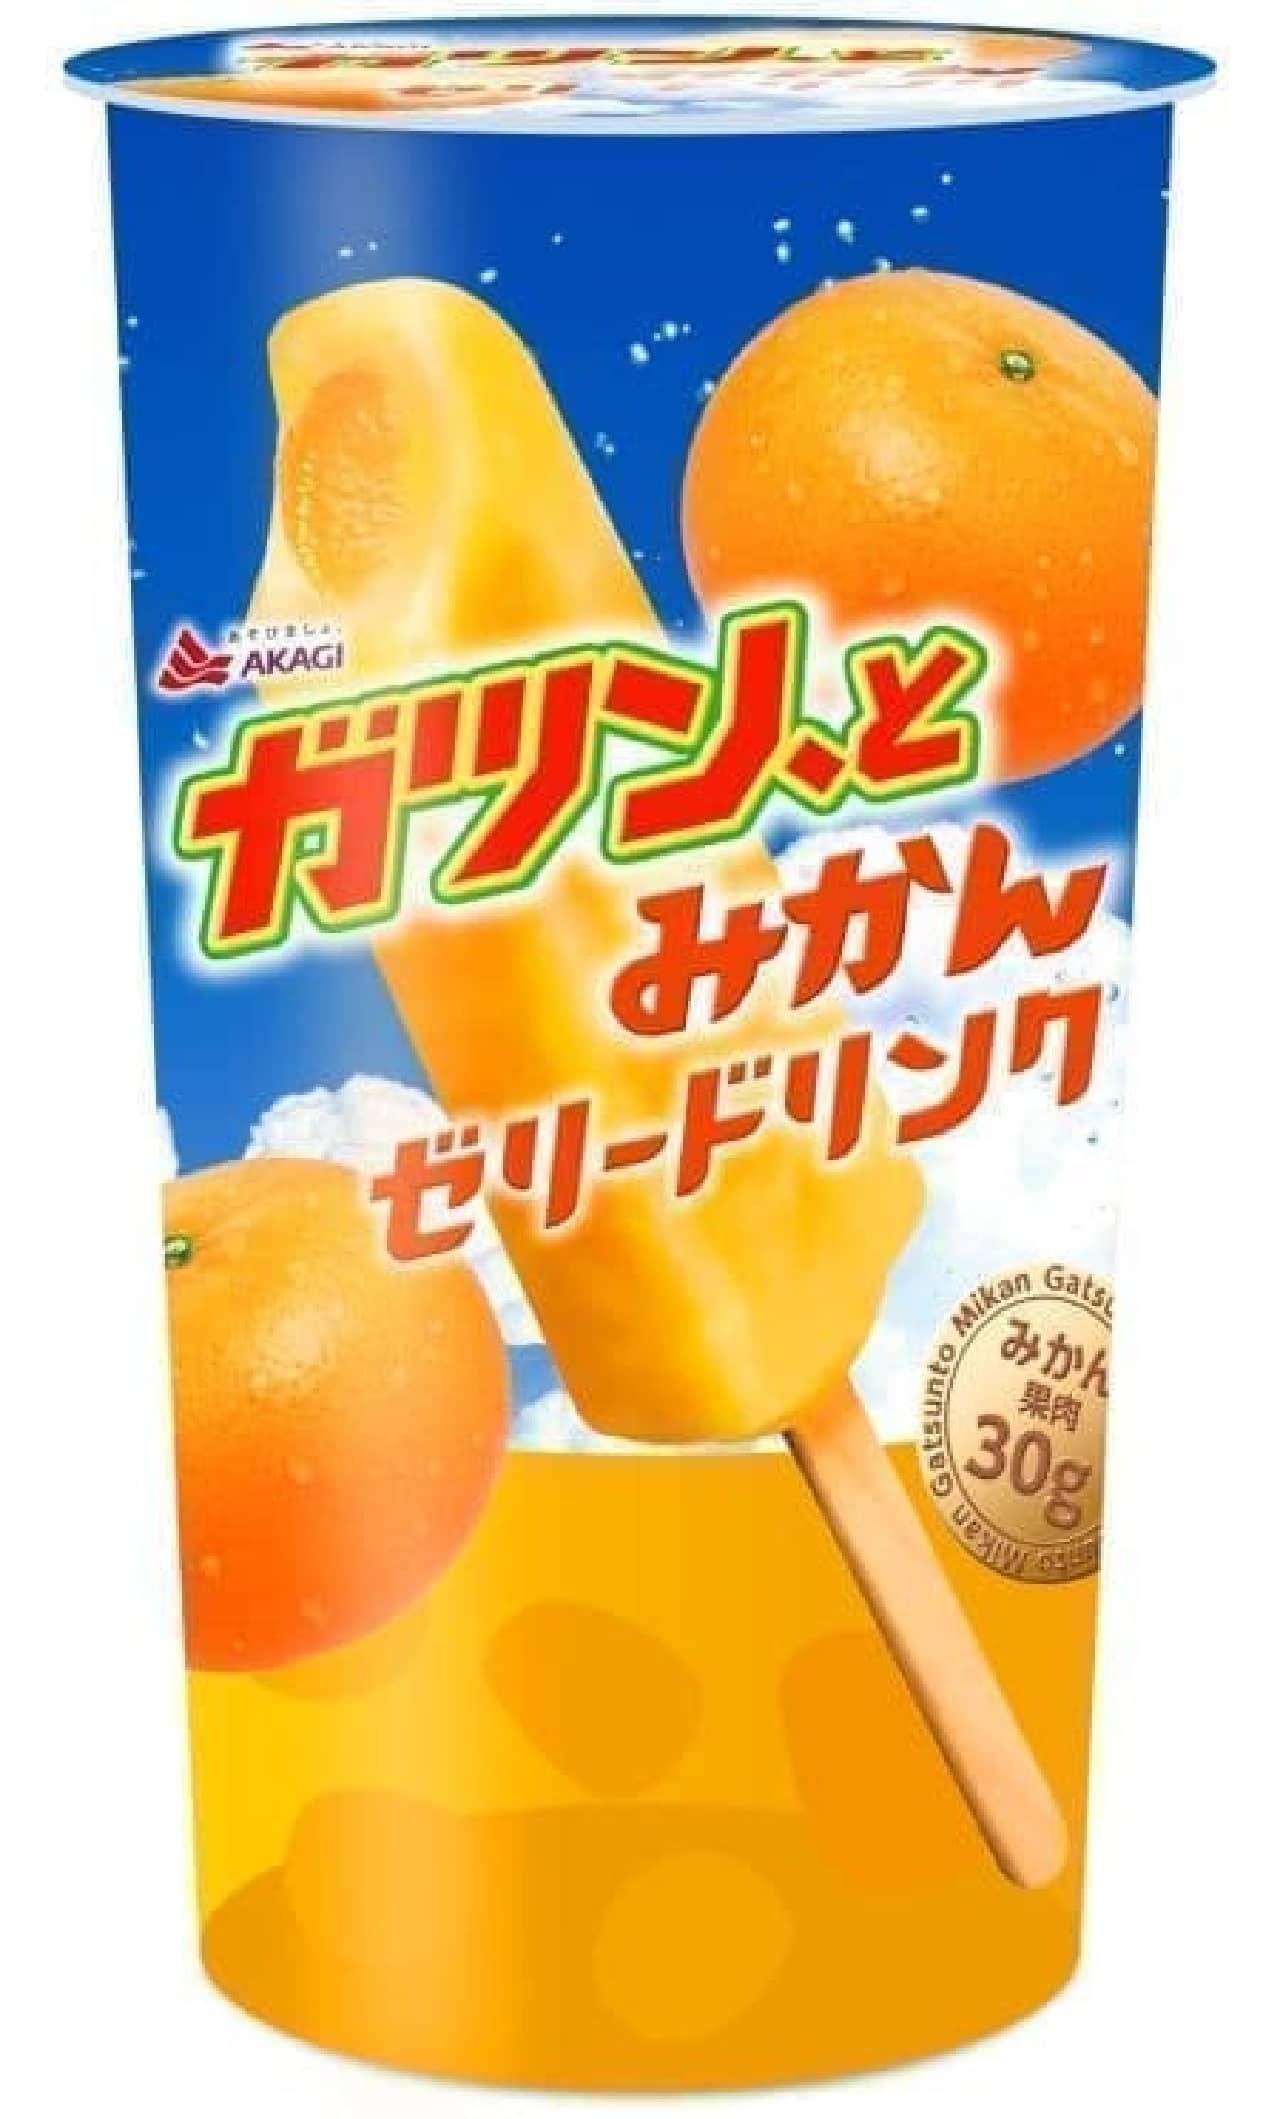 チルドカップ飲料「ガツン、とみかん ゼリードリンク」